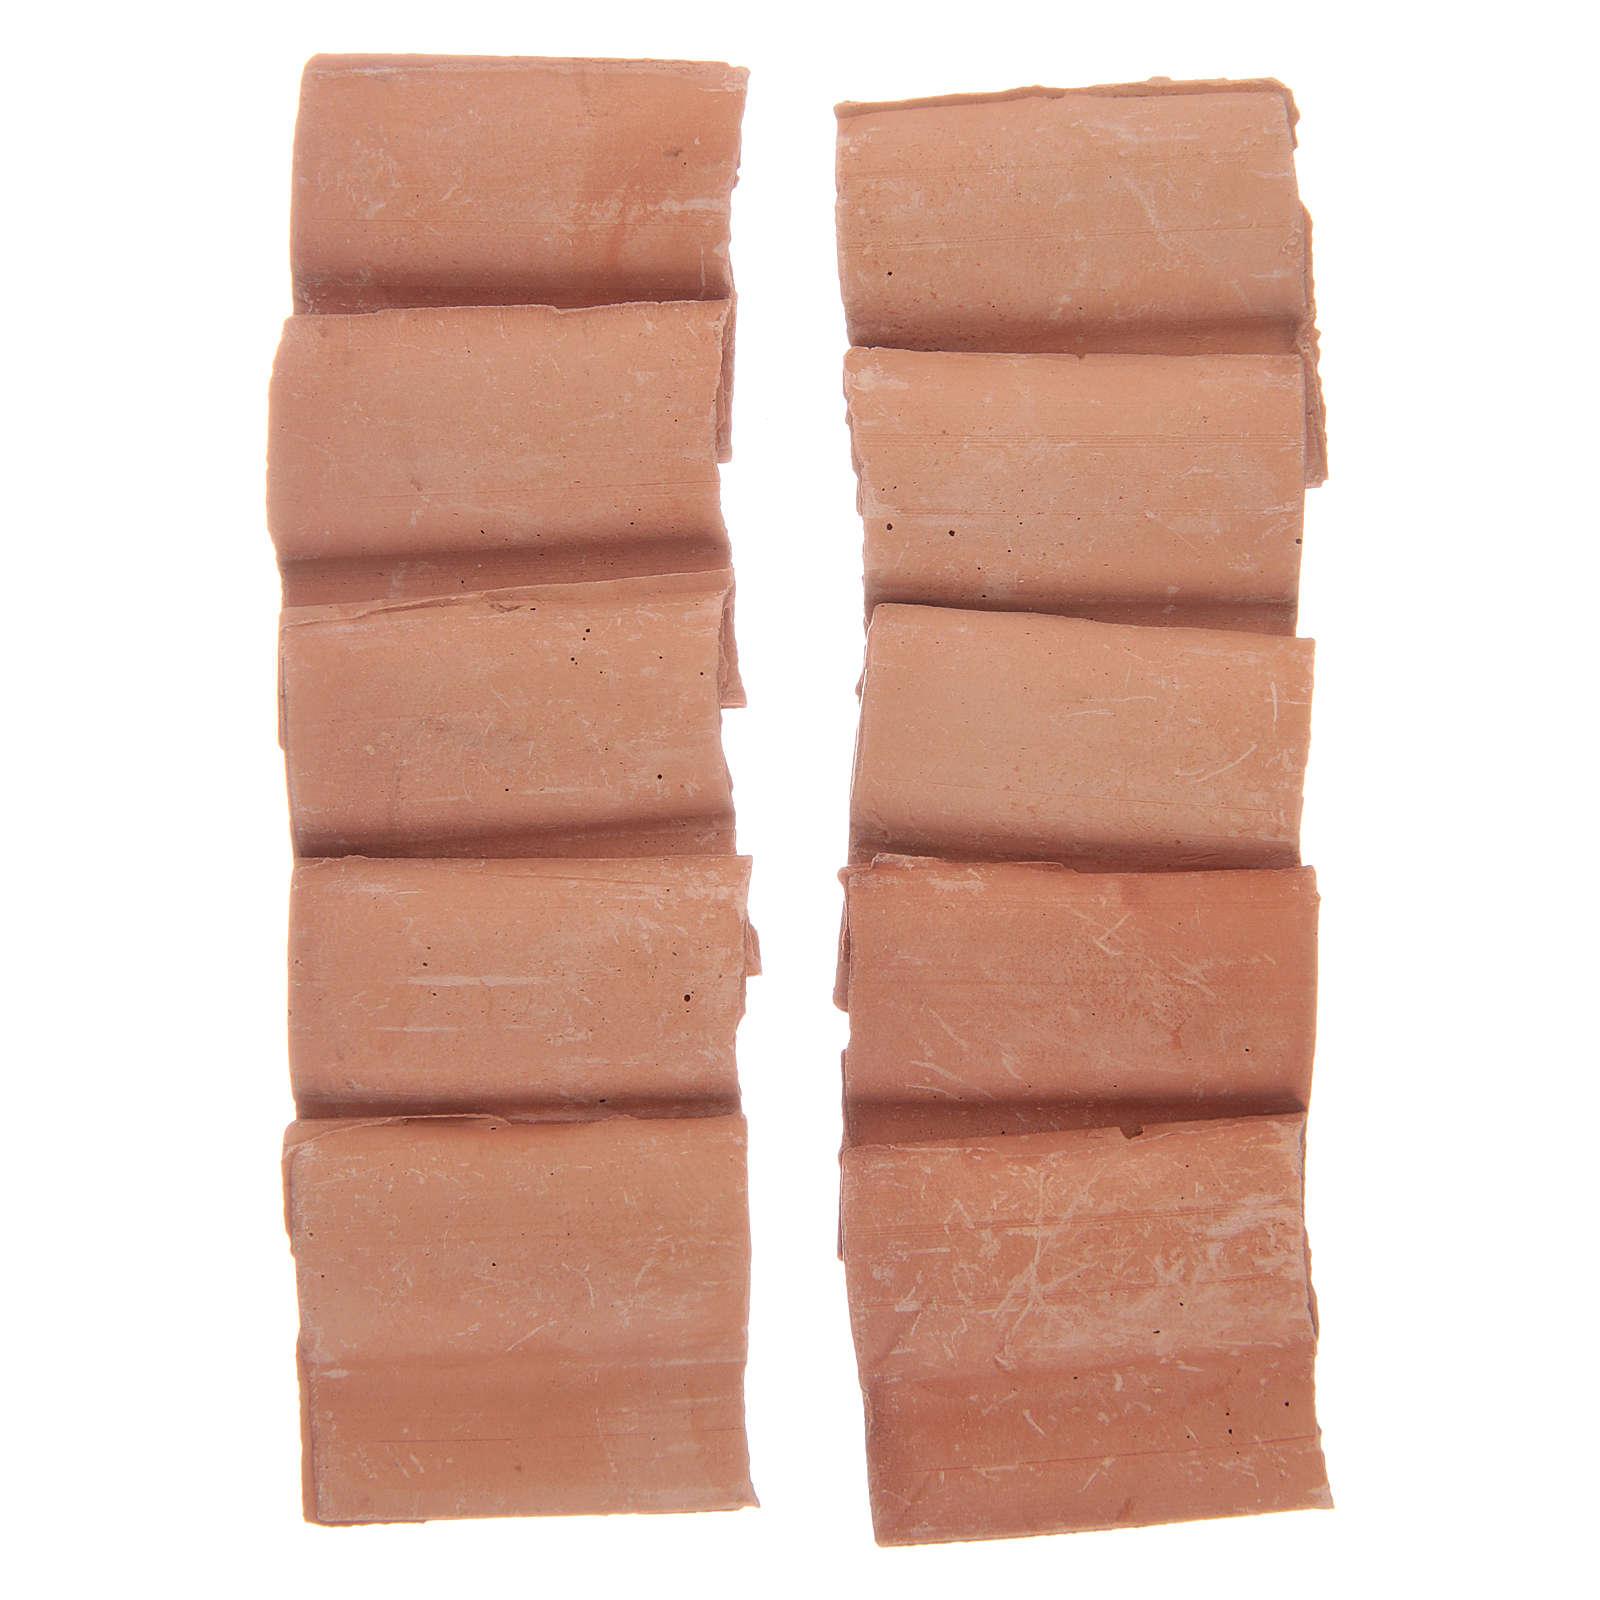 Tegola romana resina colorazione terracotta 10 pz 4